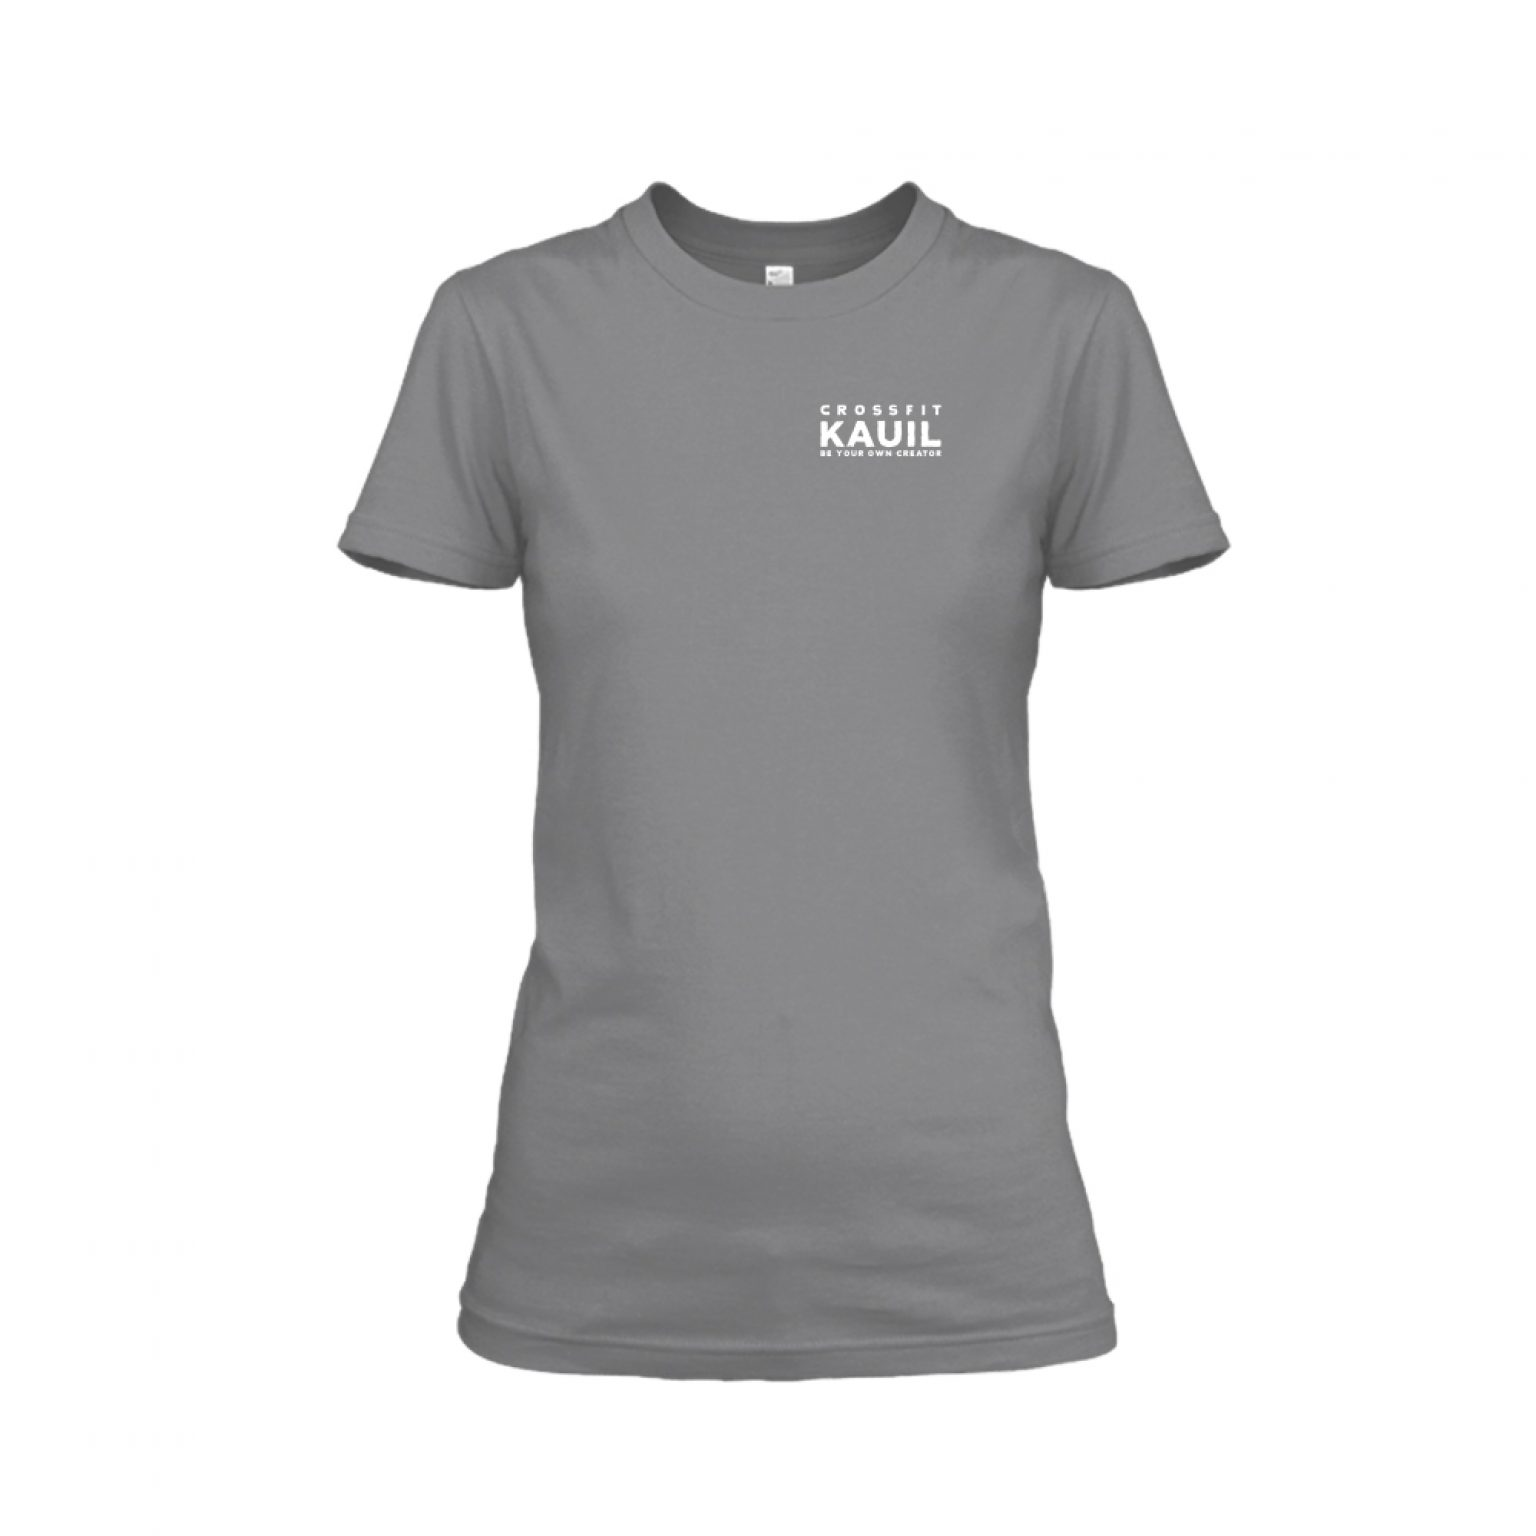 Damen Shirt HeatherDarkGrey front 1